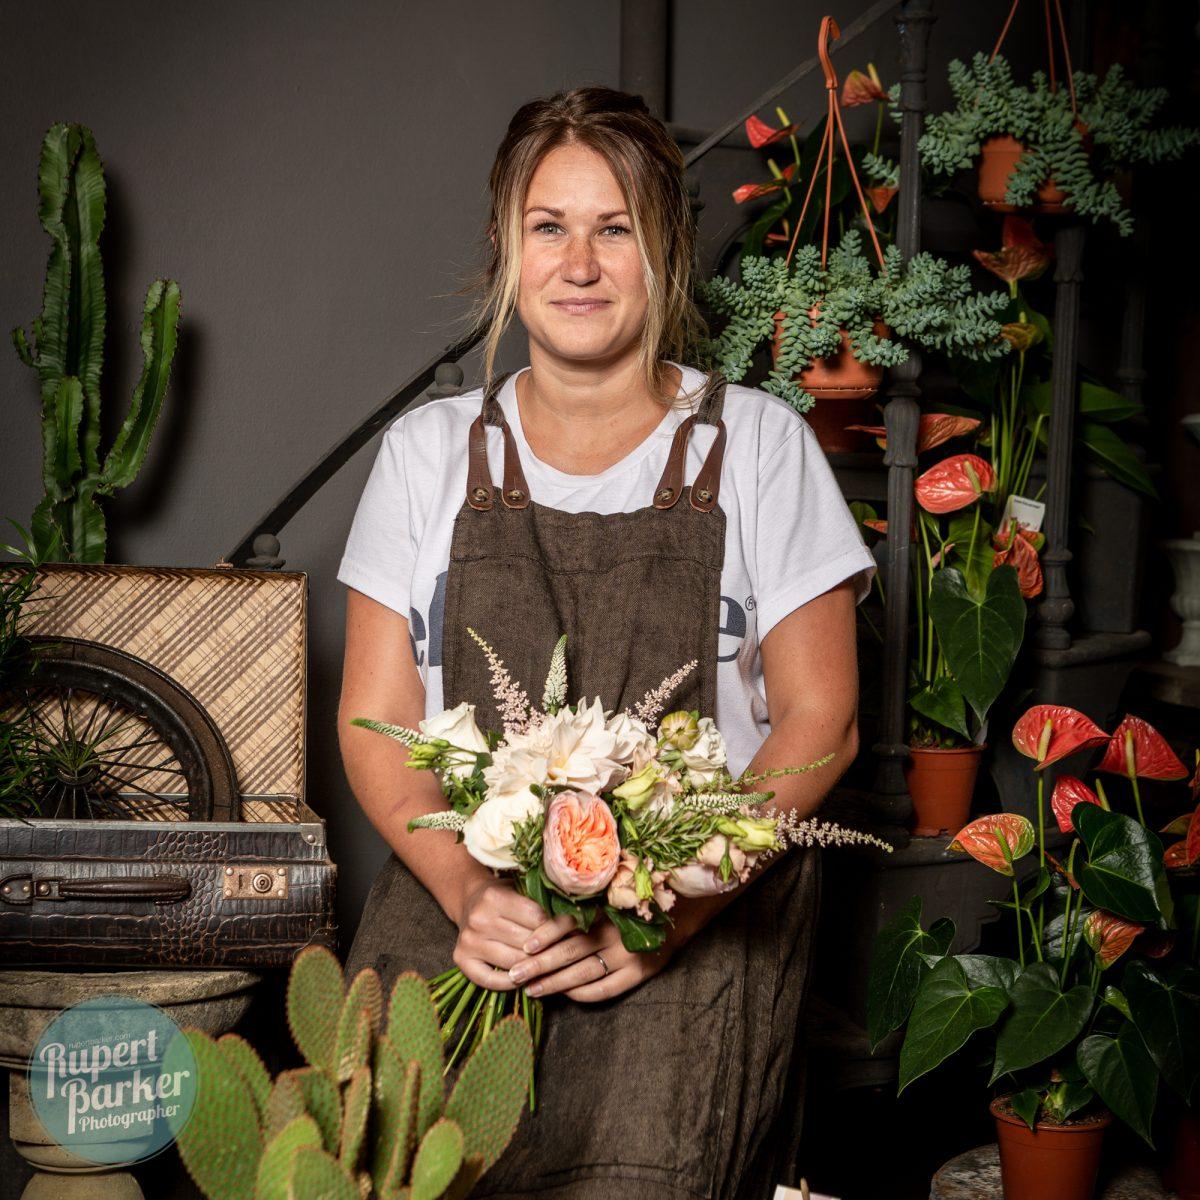 Florist Portrait Photography Project Jodie Acacia Florist flowers